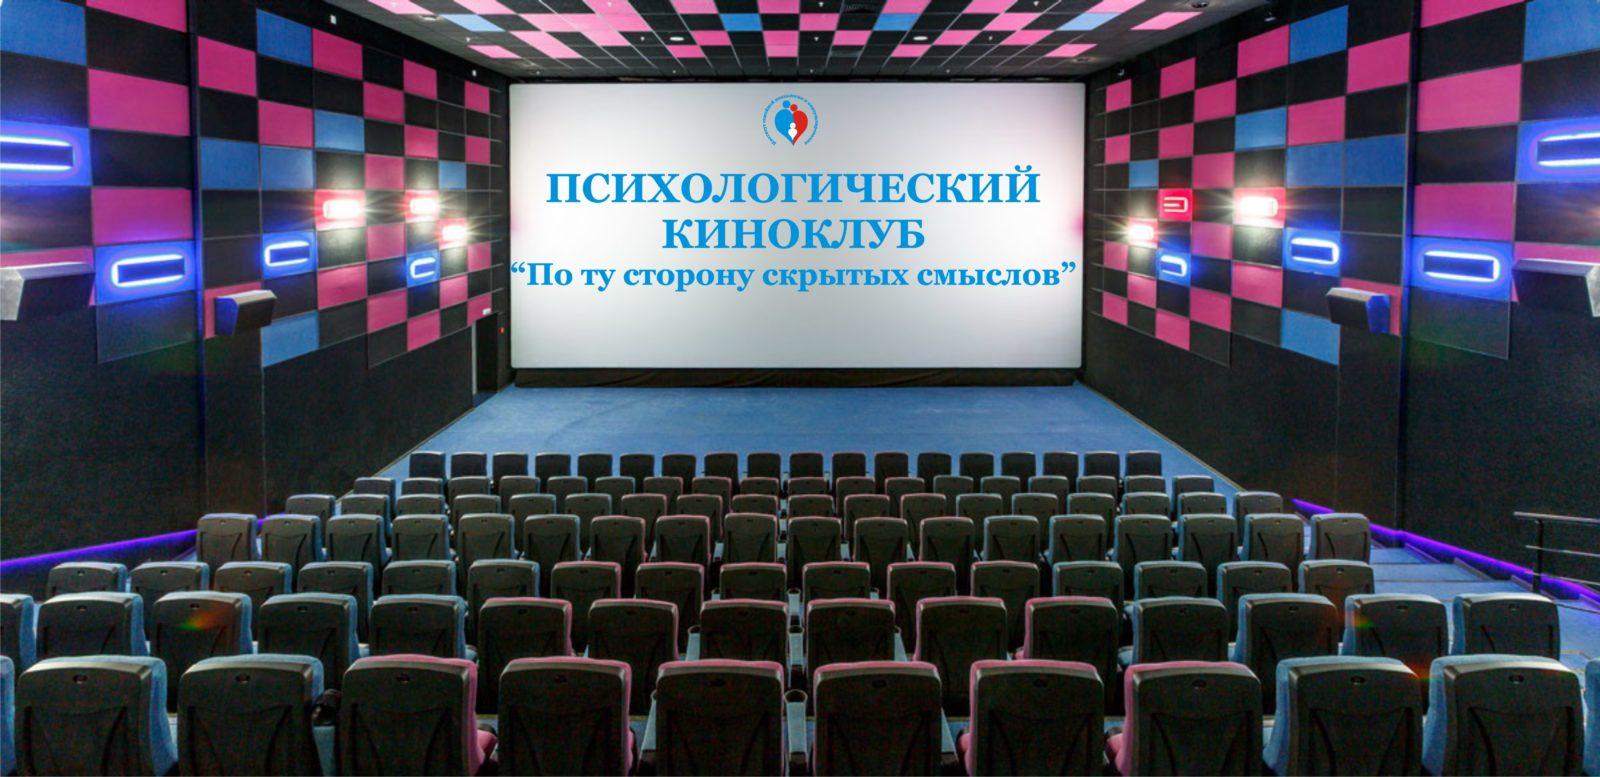 Психологический кино-клуб «По ту сторону скрытых смыслов»